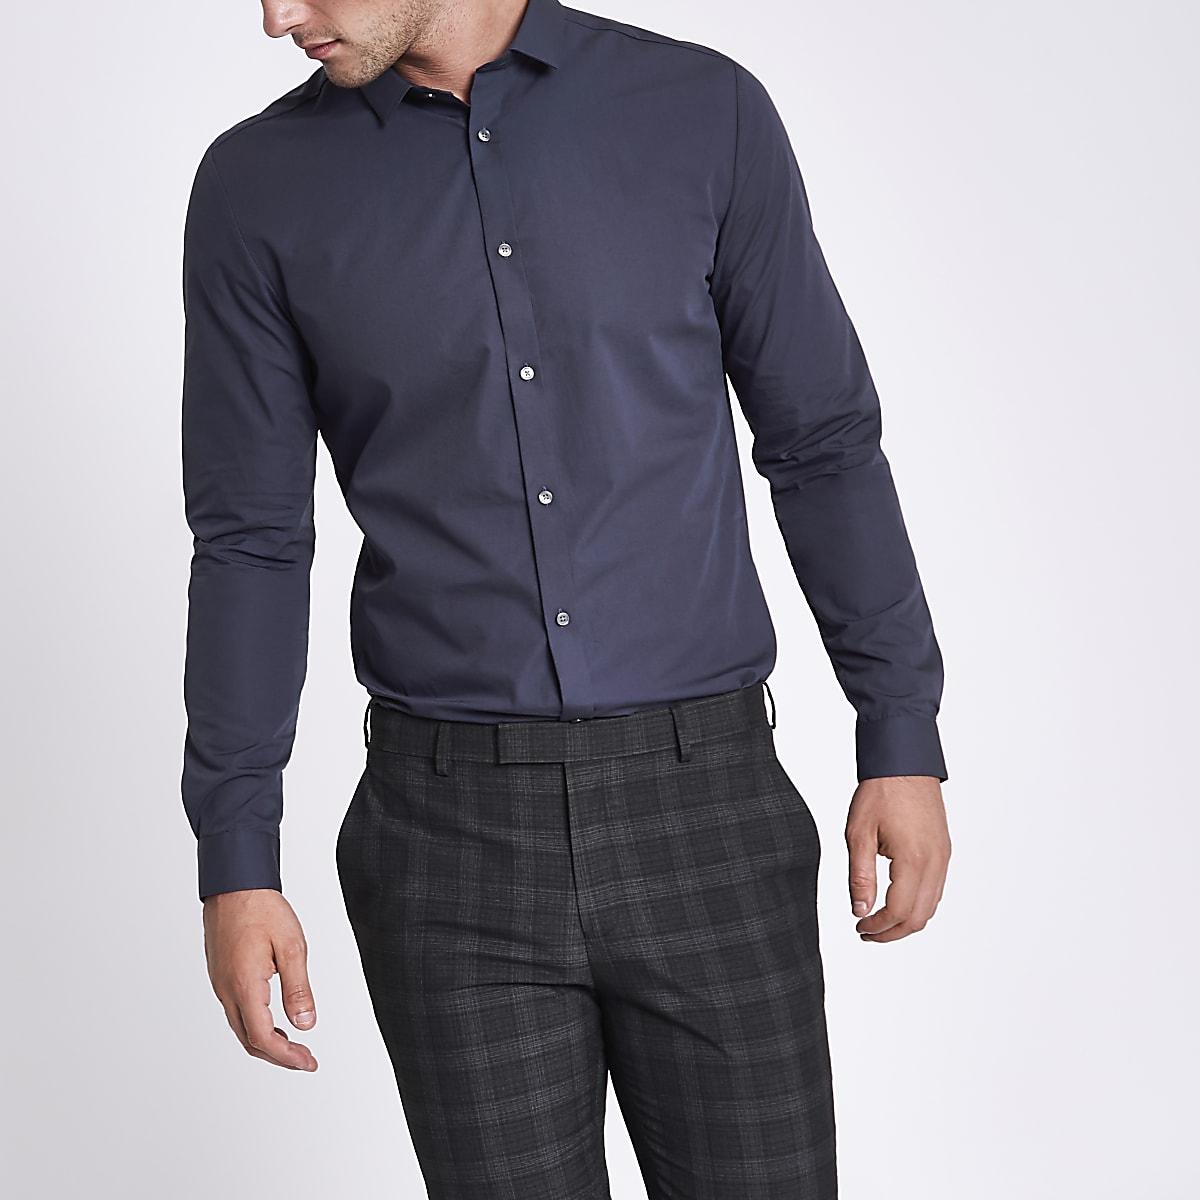 Marineblauw slim-fit overhemd met lange mouwen